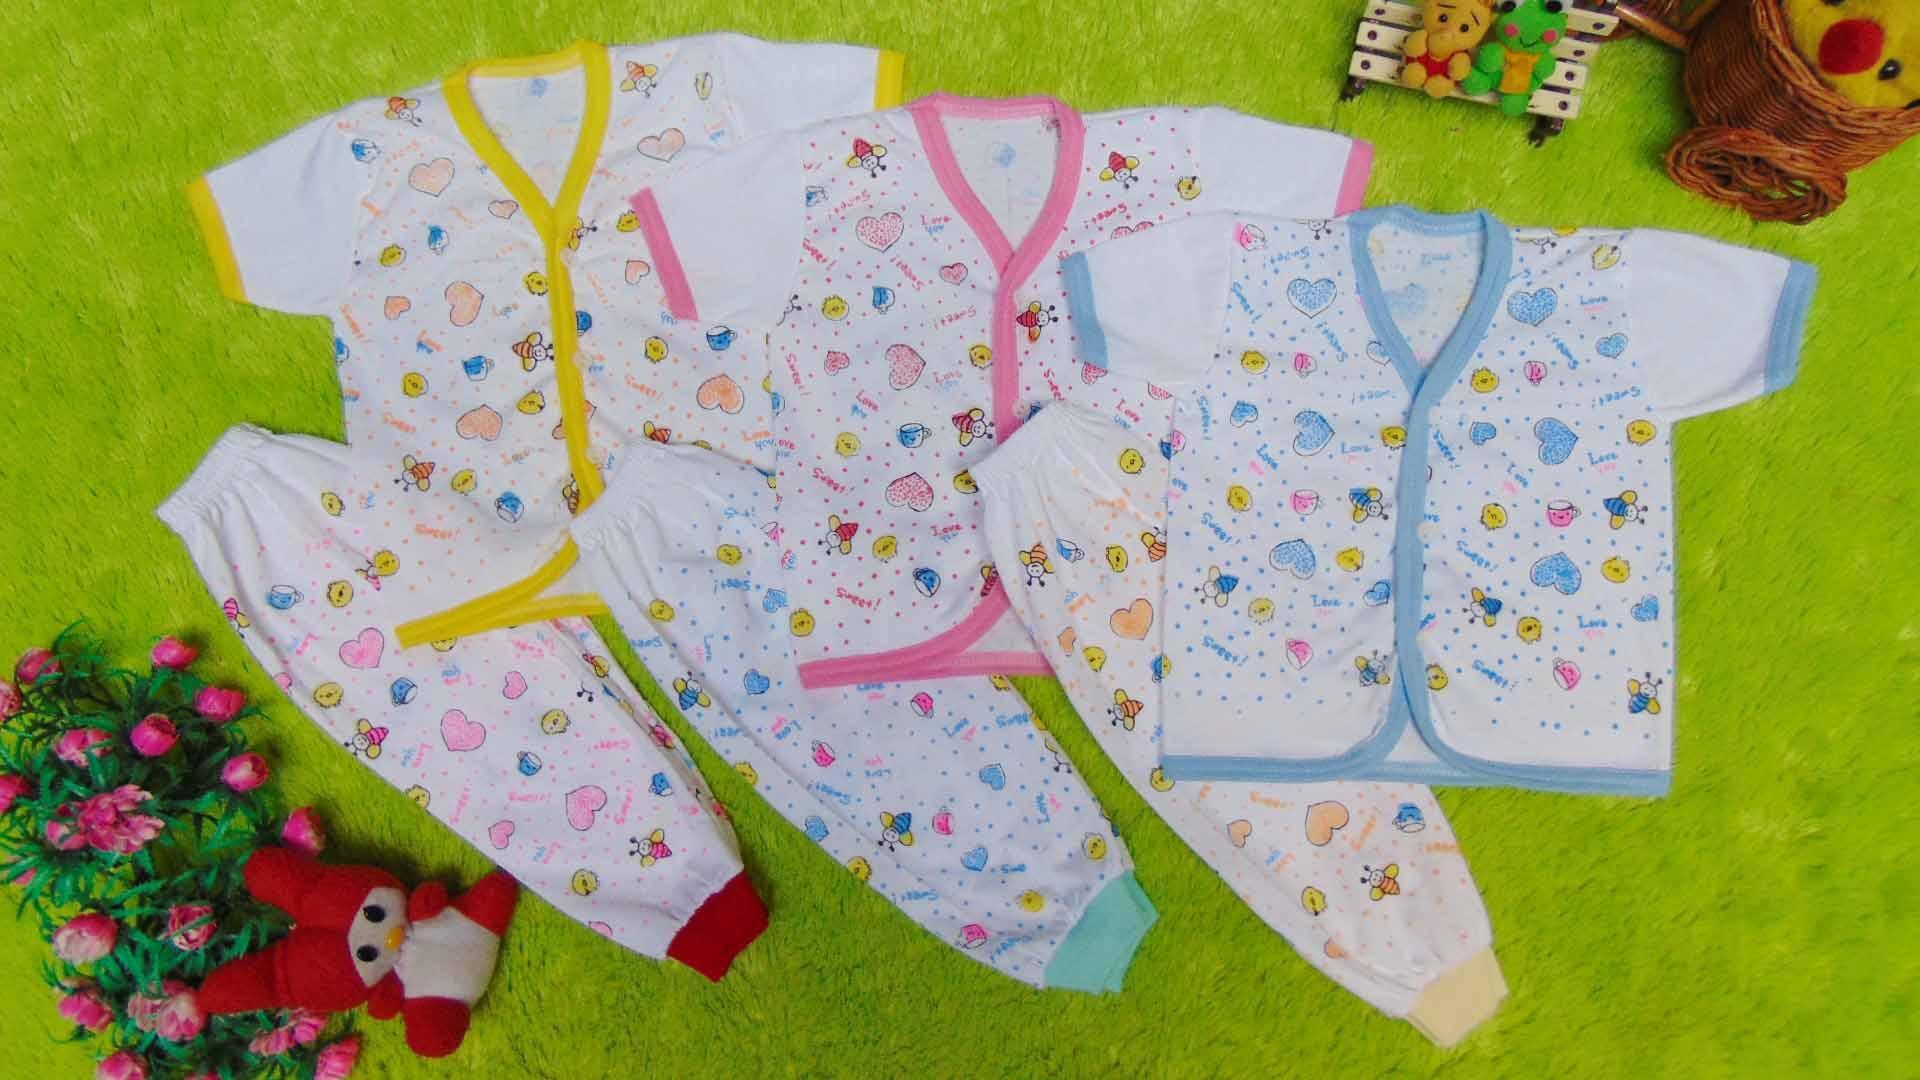 kembarshop - paket hemat 3set setelan baju bayi 0-6bulan baby new born mix warna